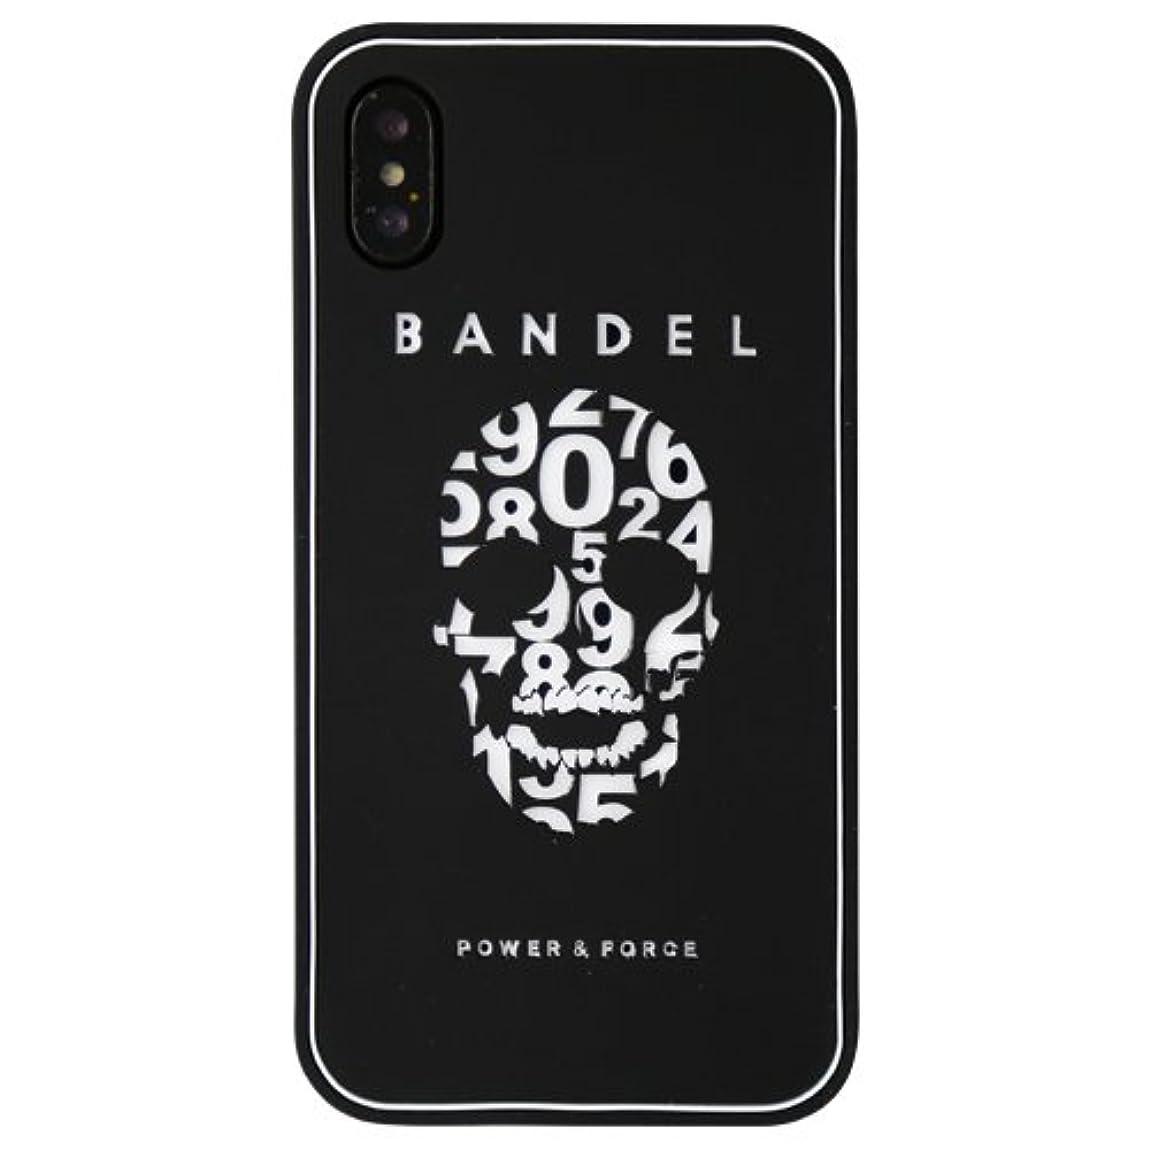 賢い他の場所ナビゲーションバンデル(BANDEL) スカル iPhone X専用 シリコンケース [ブラック×ホワイト]